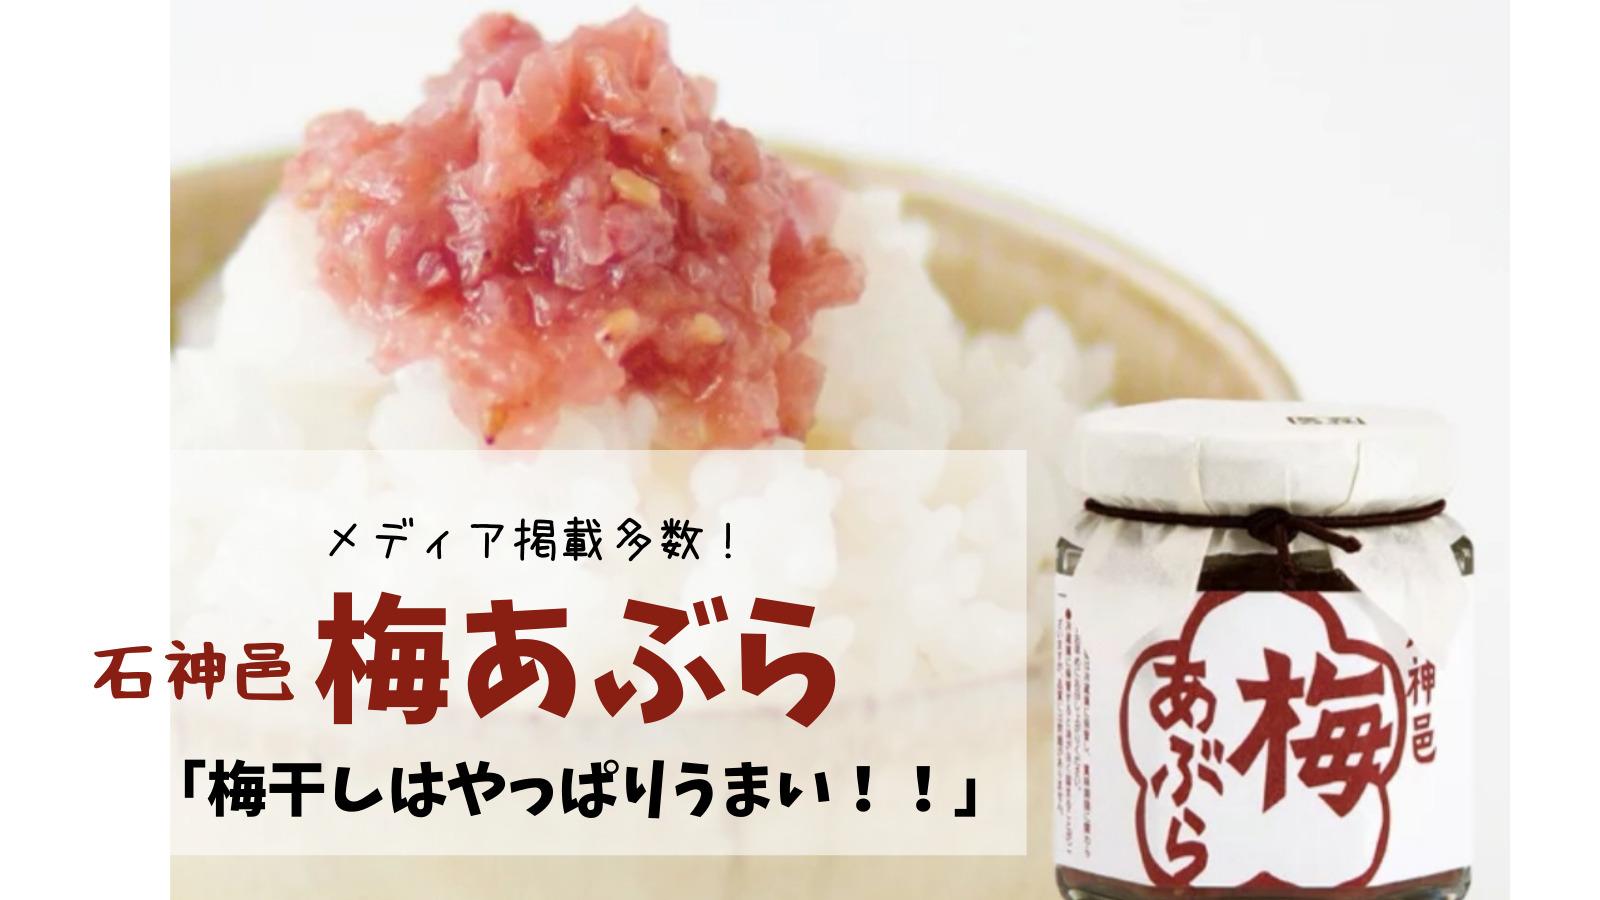 【紀州石神邑】大注目の梅調味料3種類 梅あぶら・梅肉みそ・梅唐辛子 やっぱり梅干しはうまい!